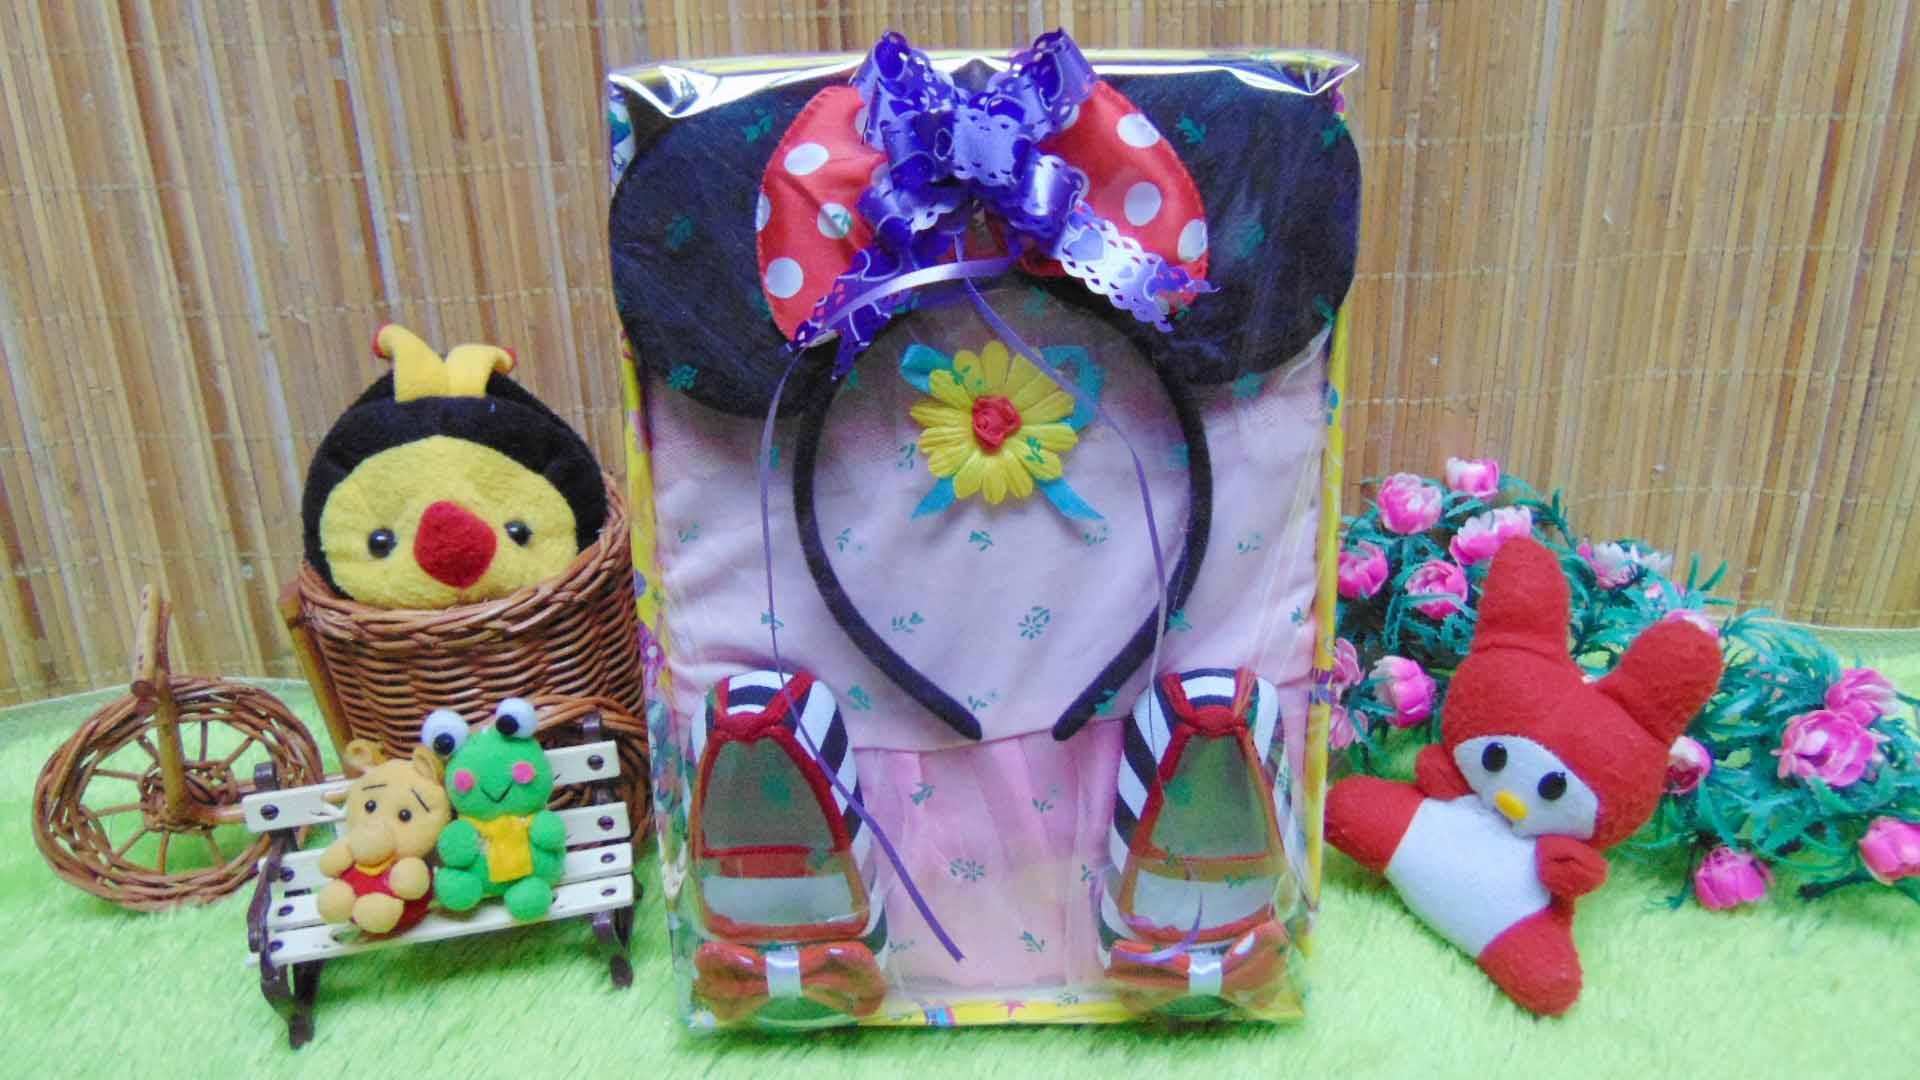 Paket Kado Lahiran Bayi Baby Gift Dress Pink Minnie Mouse Red Black Perlengkapan Baru Lahir Set Lengkap Ujung Rambut Hingga Kaki Series 75 Terdiri